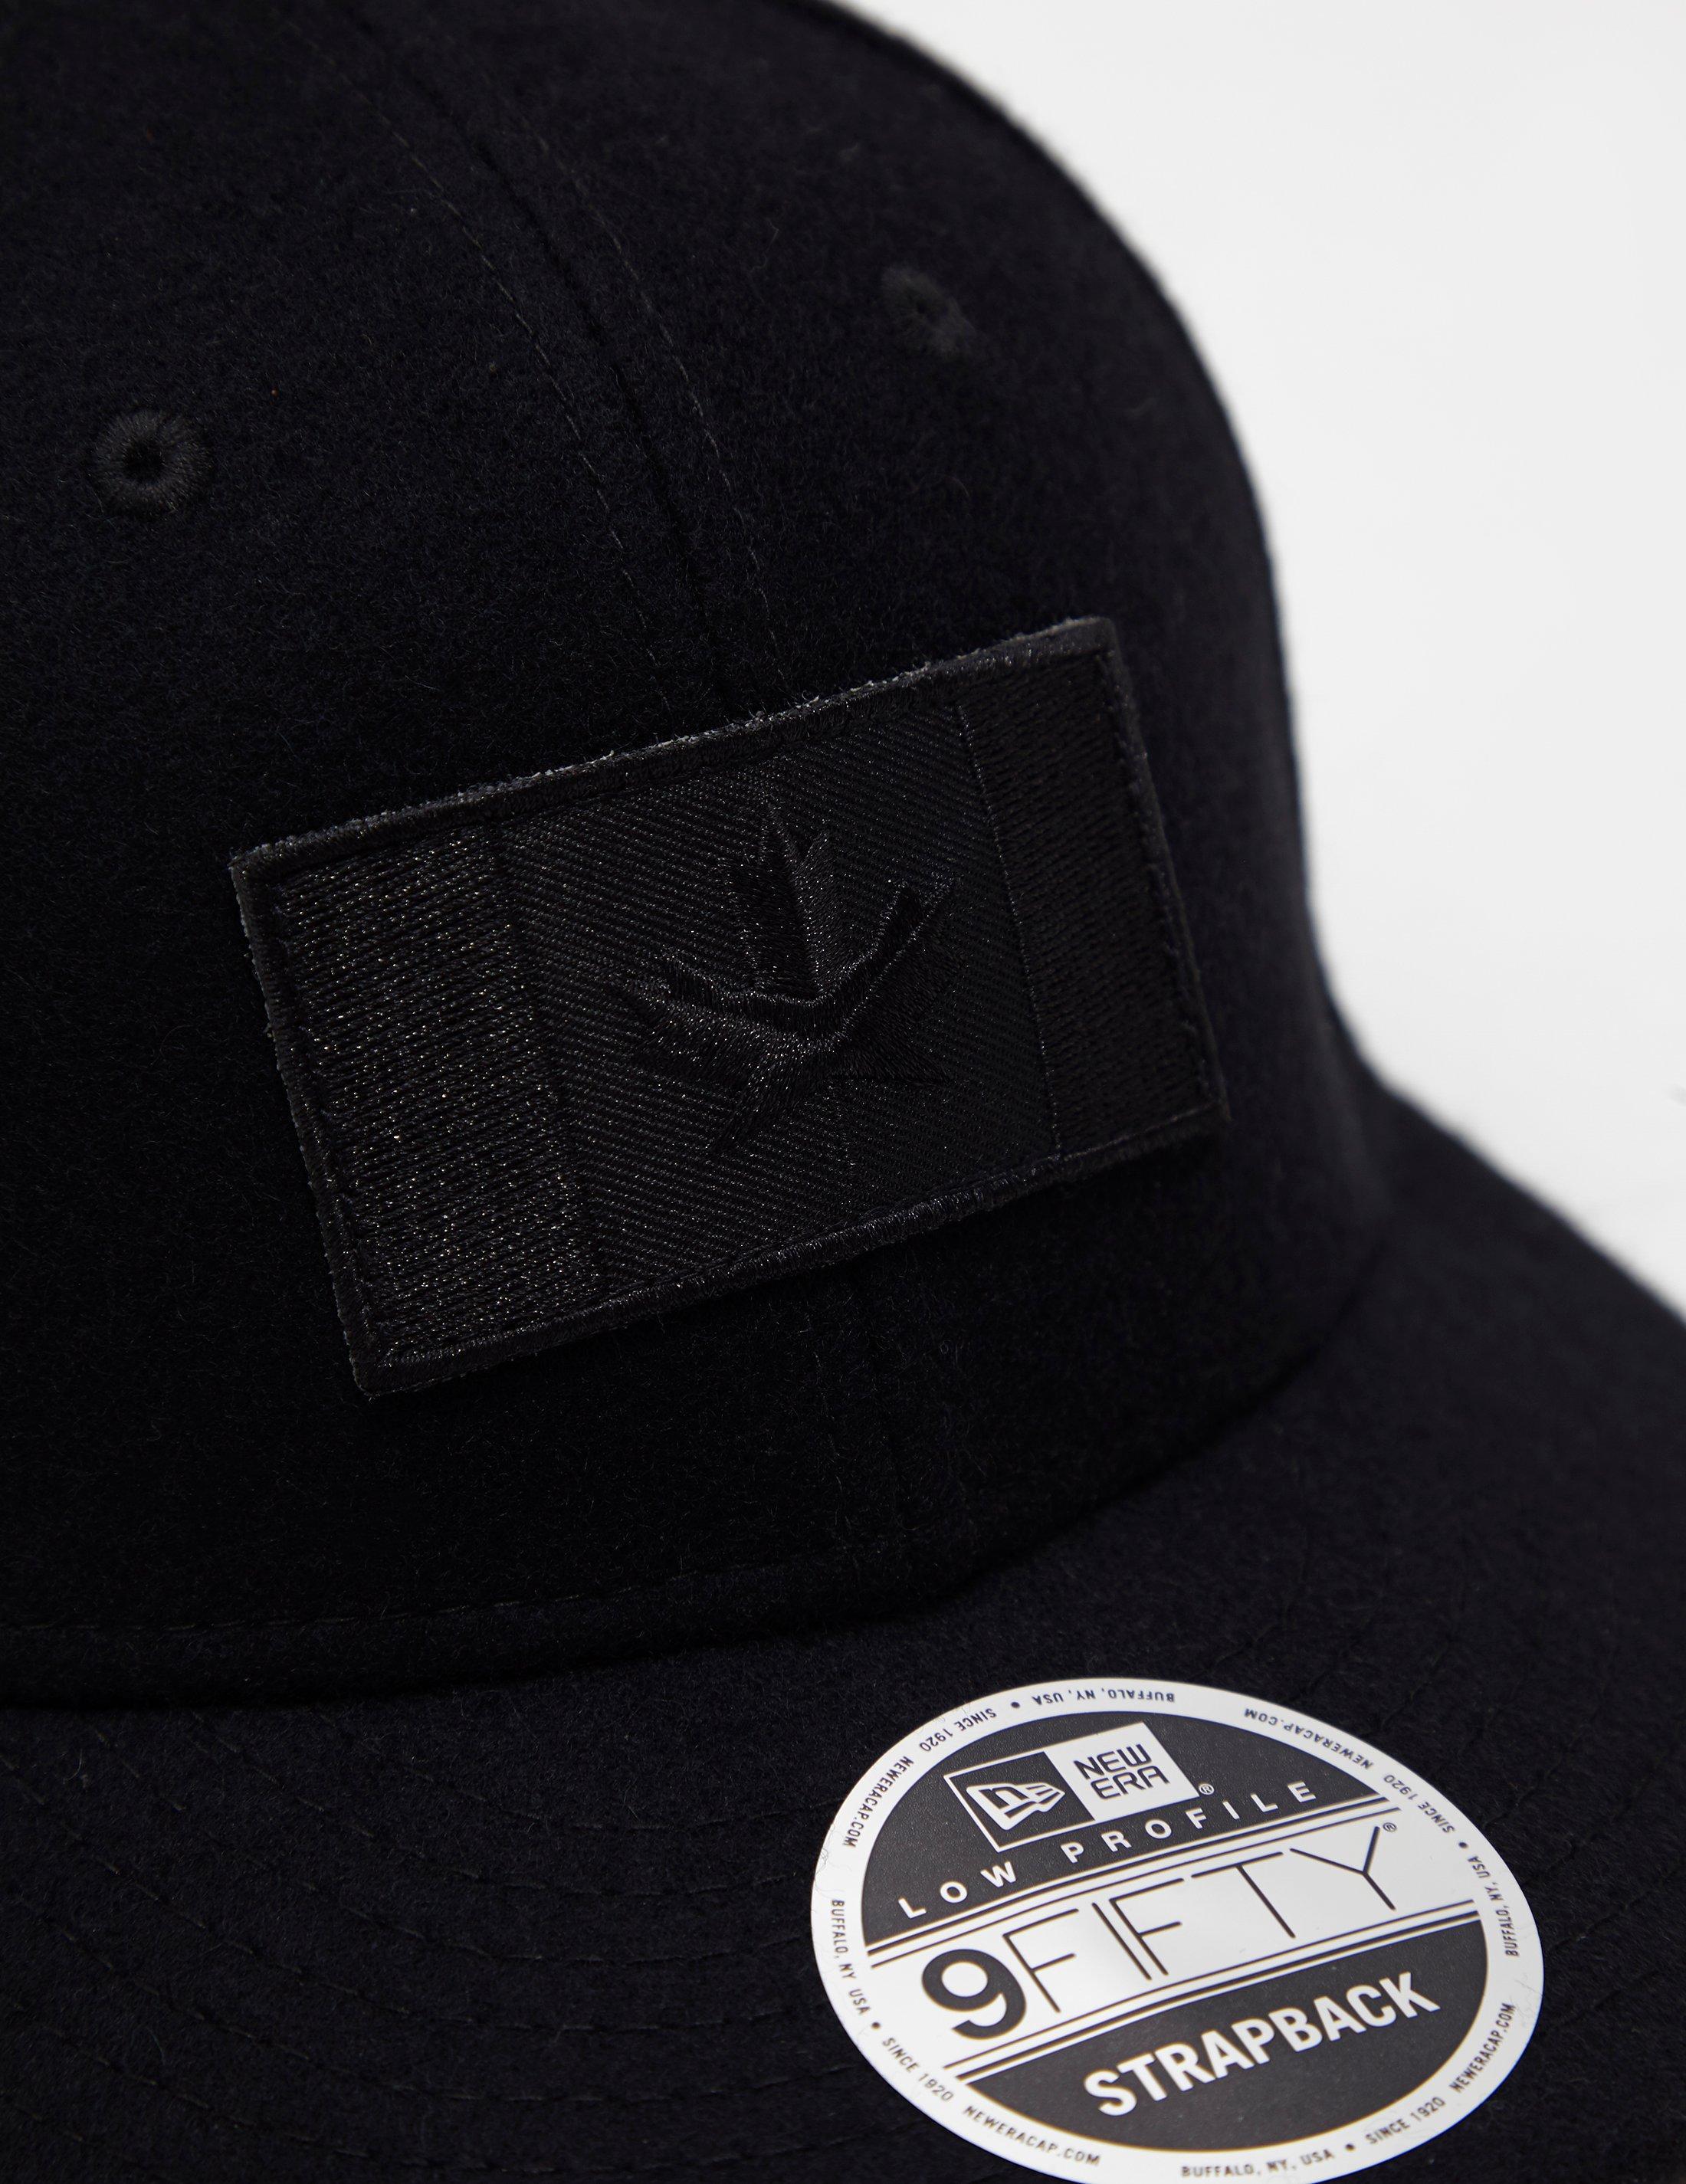 52f7d997b56 Lyst - Canada Goose Mens Wool Cap Black in Black for Men